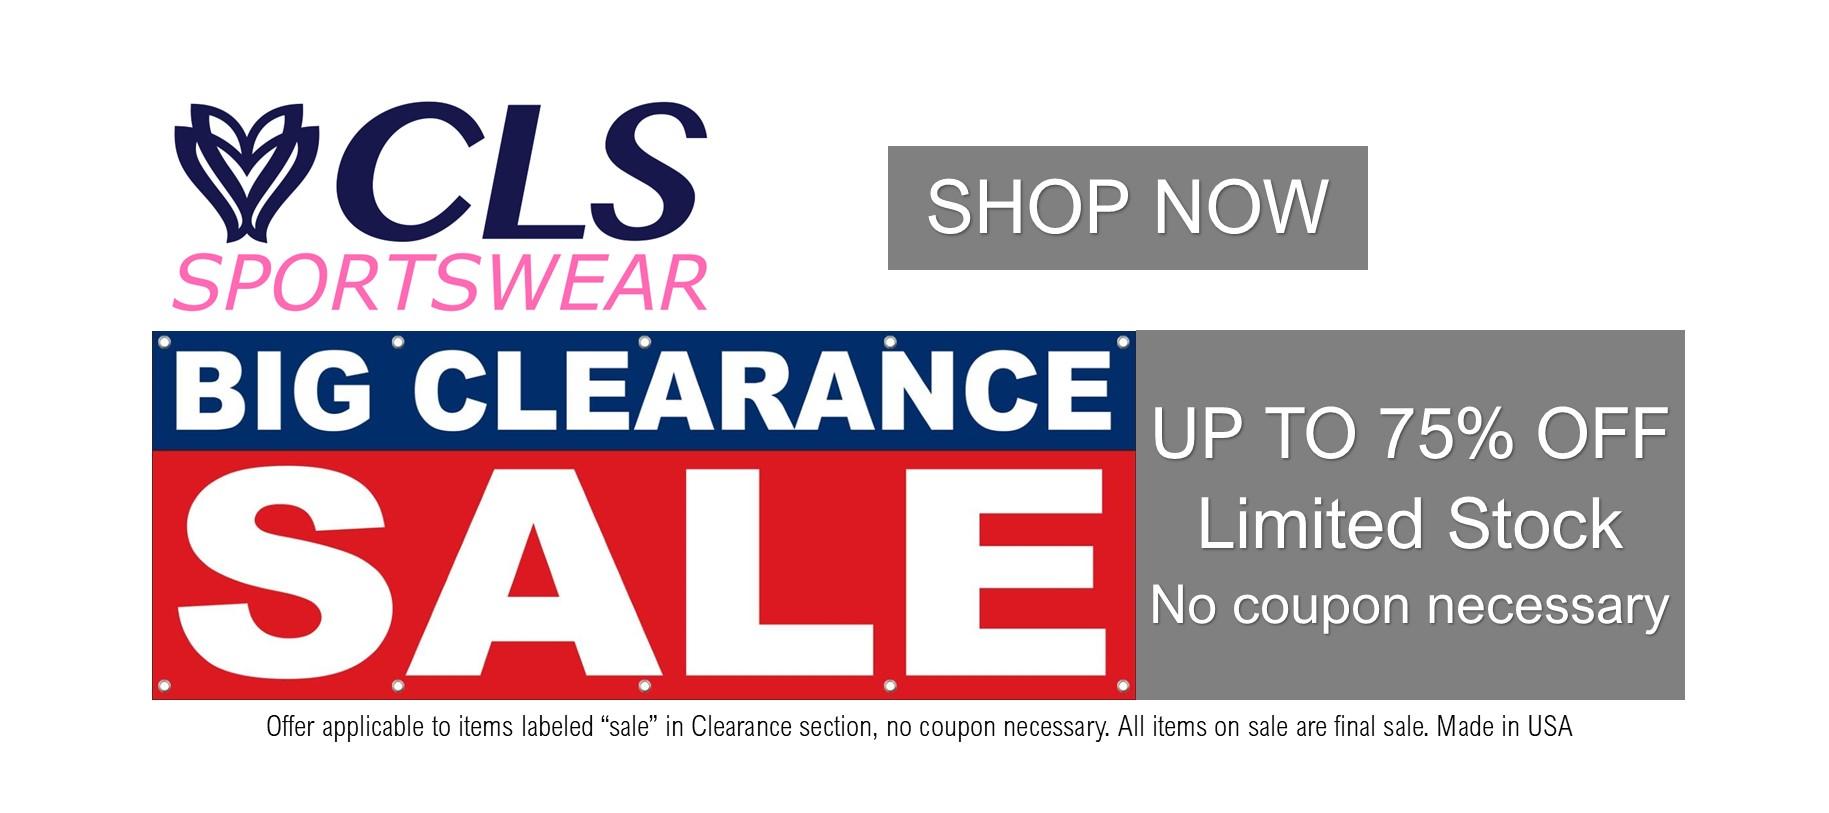 https://clssportswear.com/wp-content/uploads/2021/07/Announce-Slider_Clearance_75_Percentoff.jpg